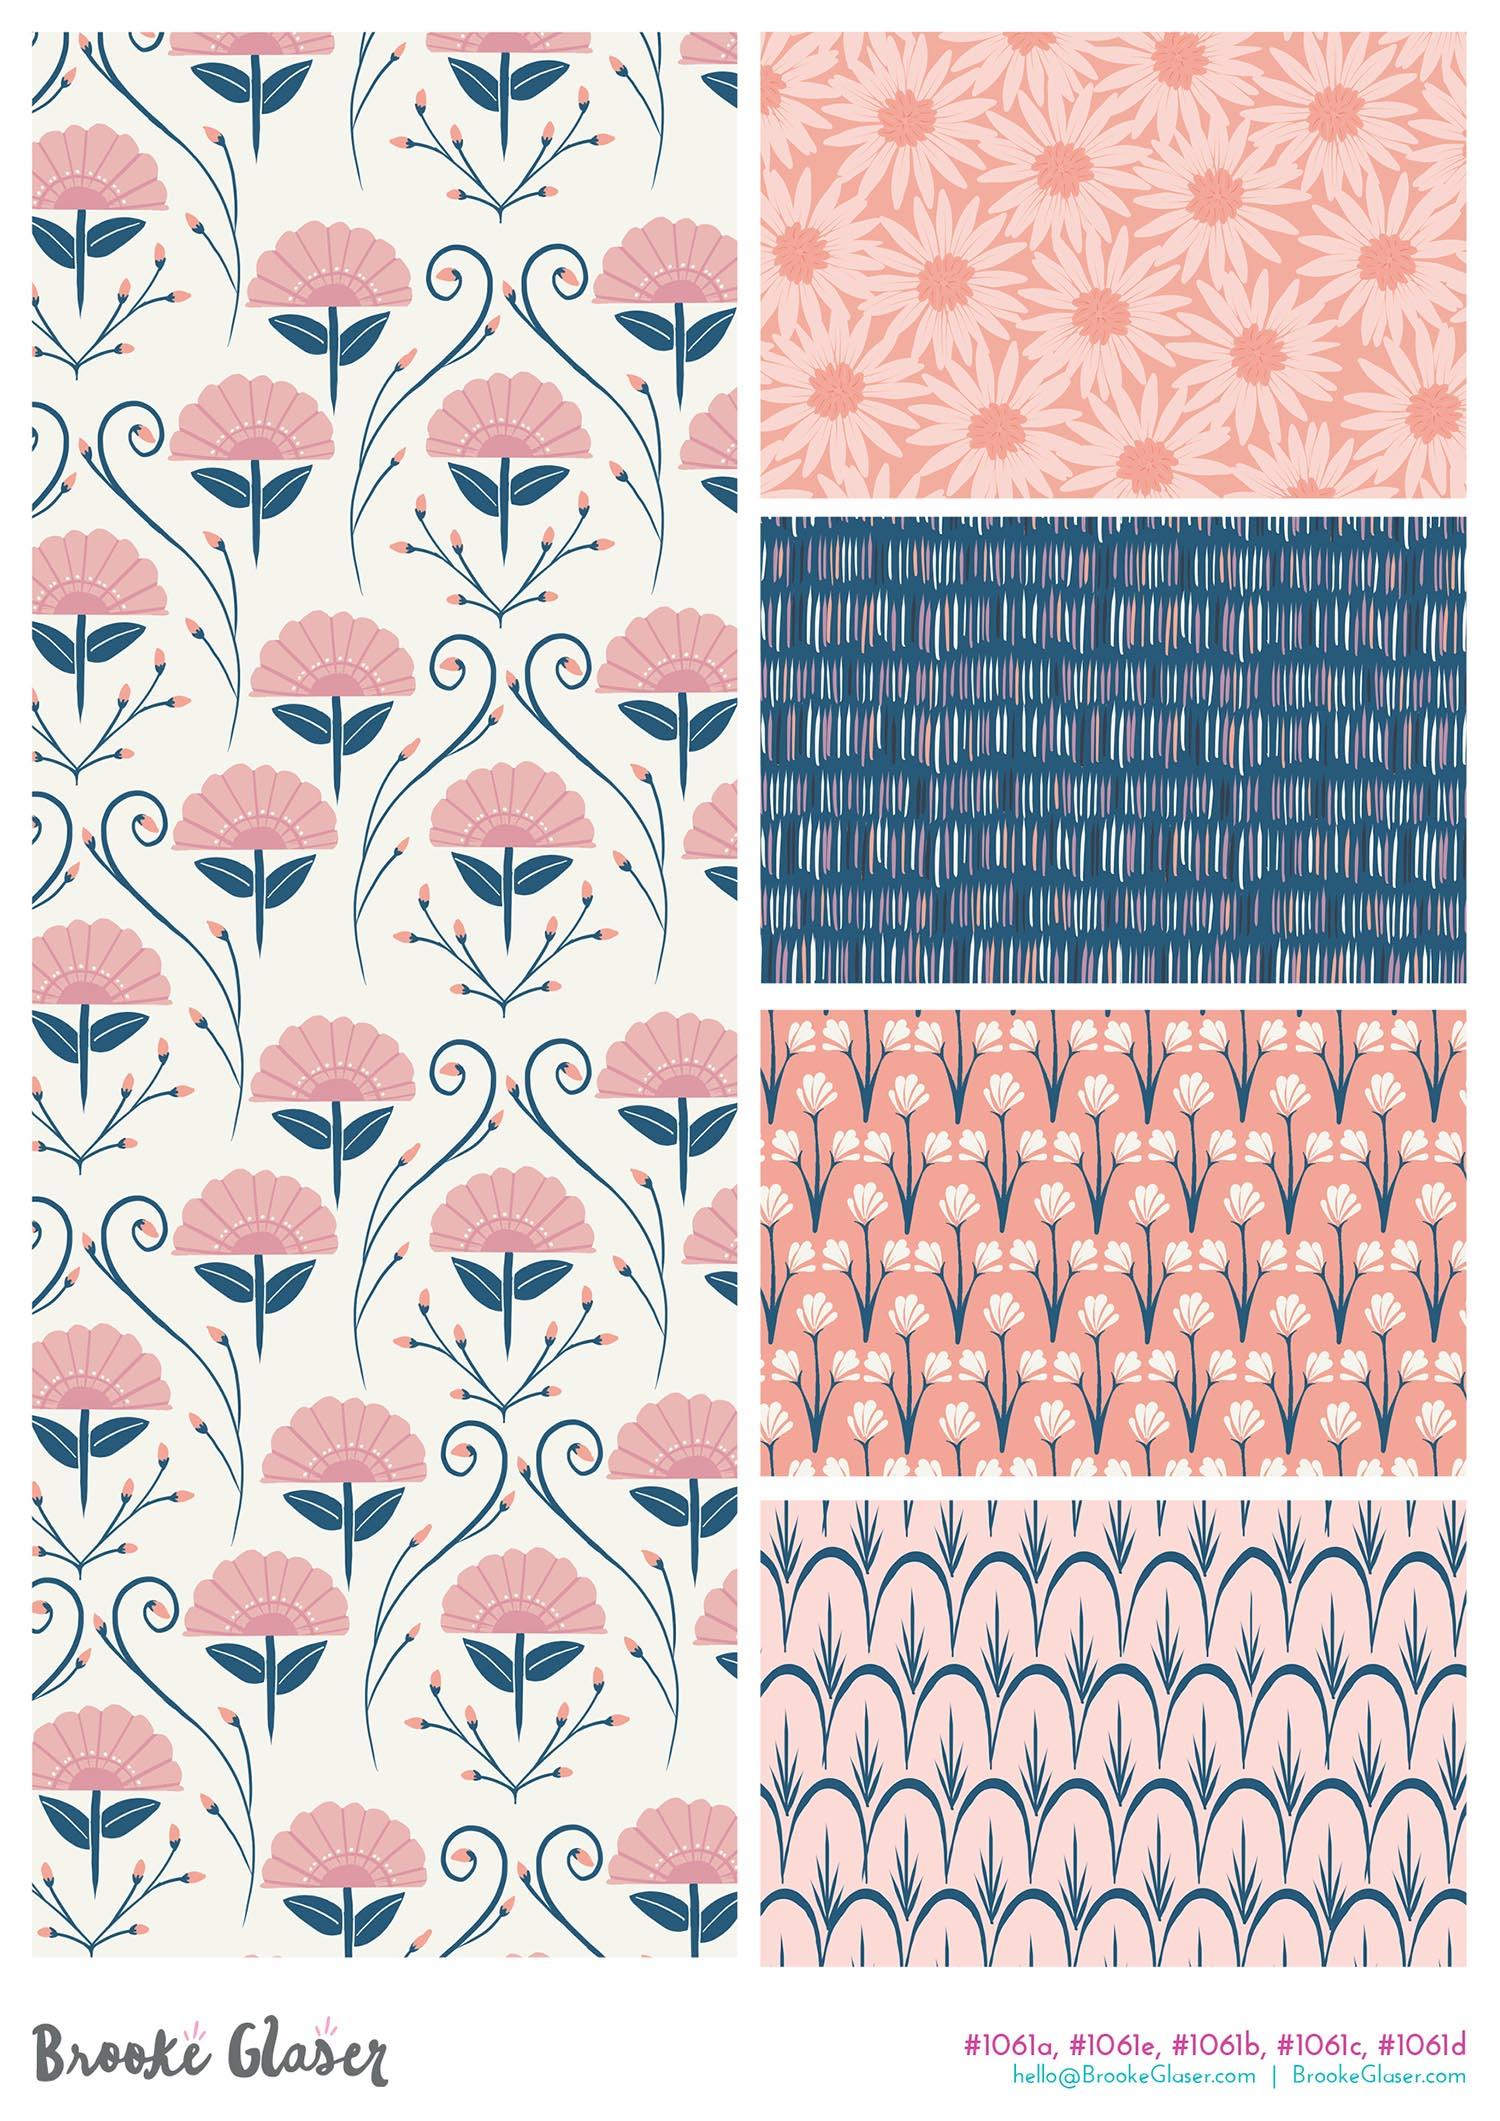 Brooke-Glaser-Prints14.jpg